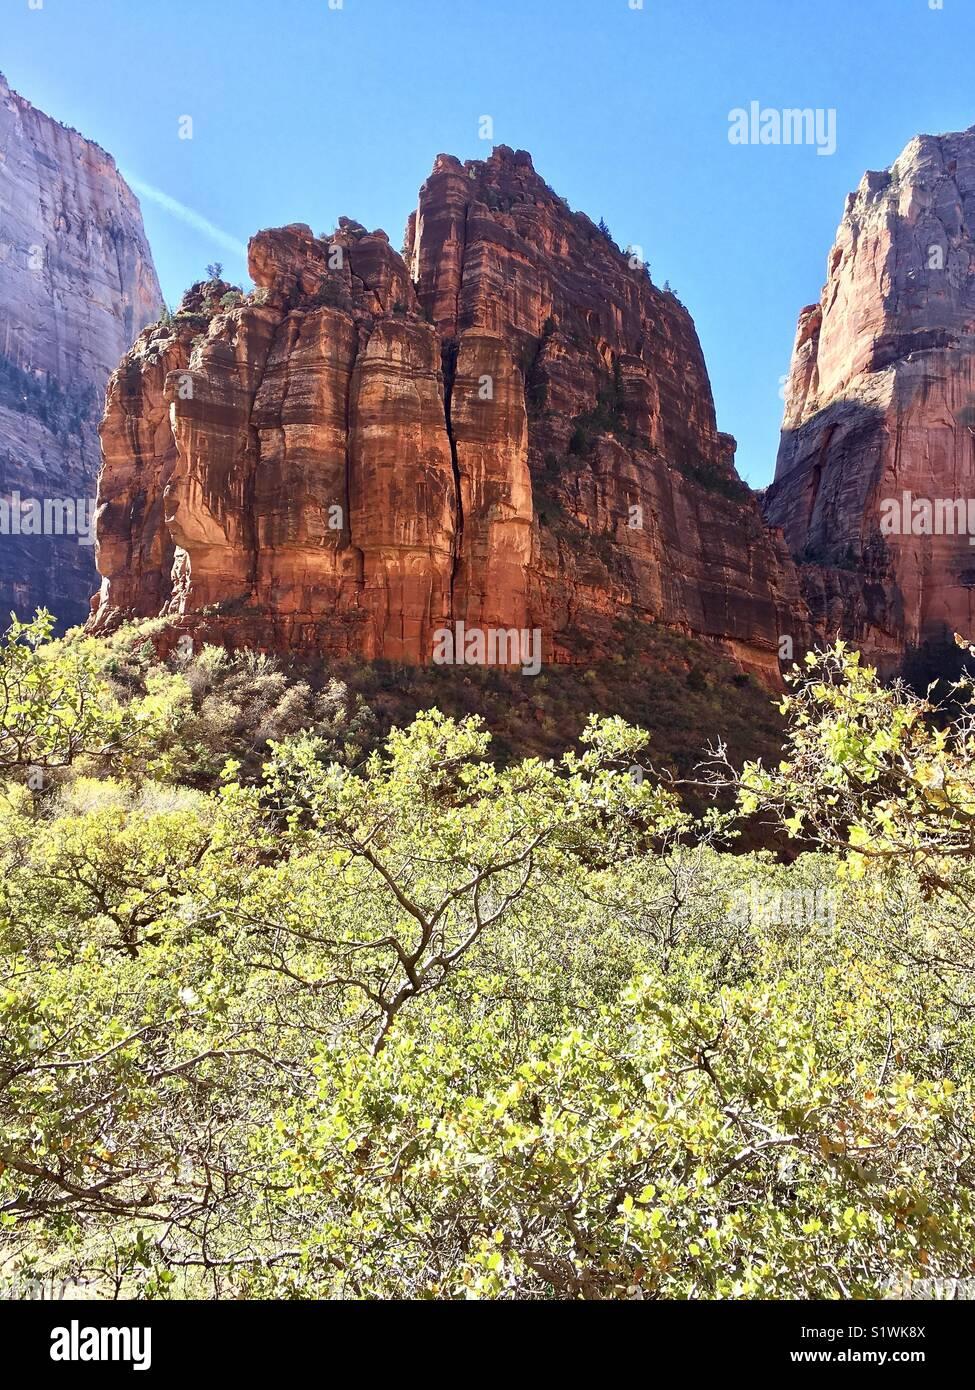 Rocce Rosse del Parco Nazionale di Zion Immagini Stock